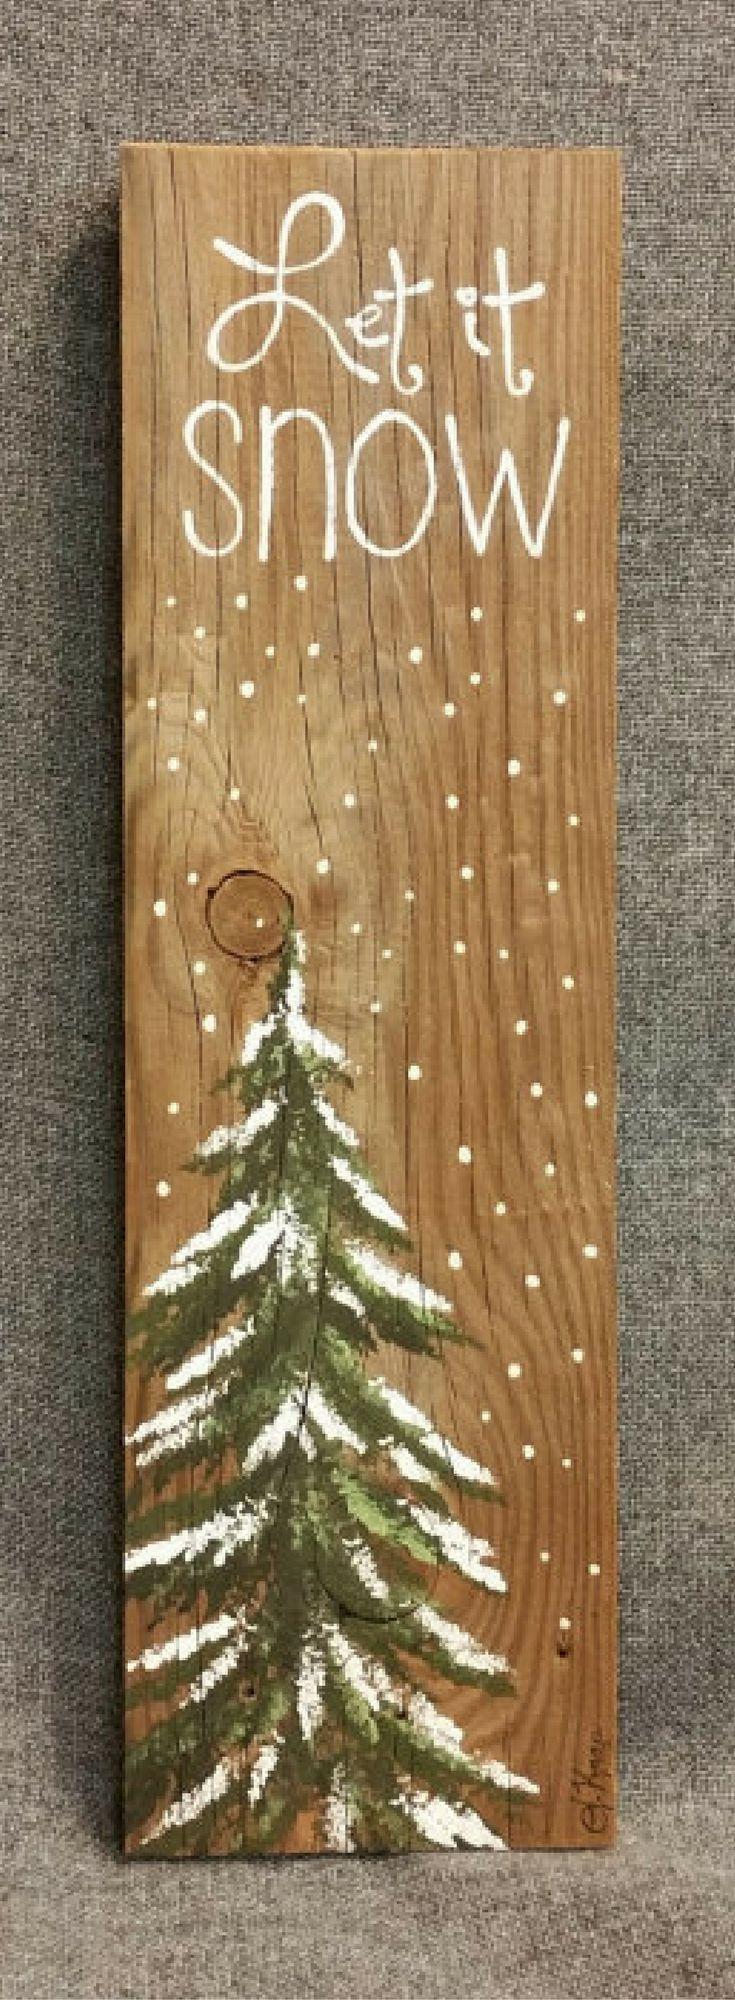 Lass es schneien, handbemalte Weihnachtsdekoration, Wintergrün, Winterregen ...  #handbemalte #schneien #weihnachtsdekoration #wintergrun #winterregen #rustikaleweihnachten